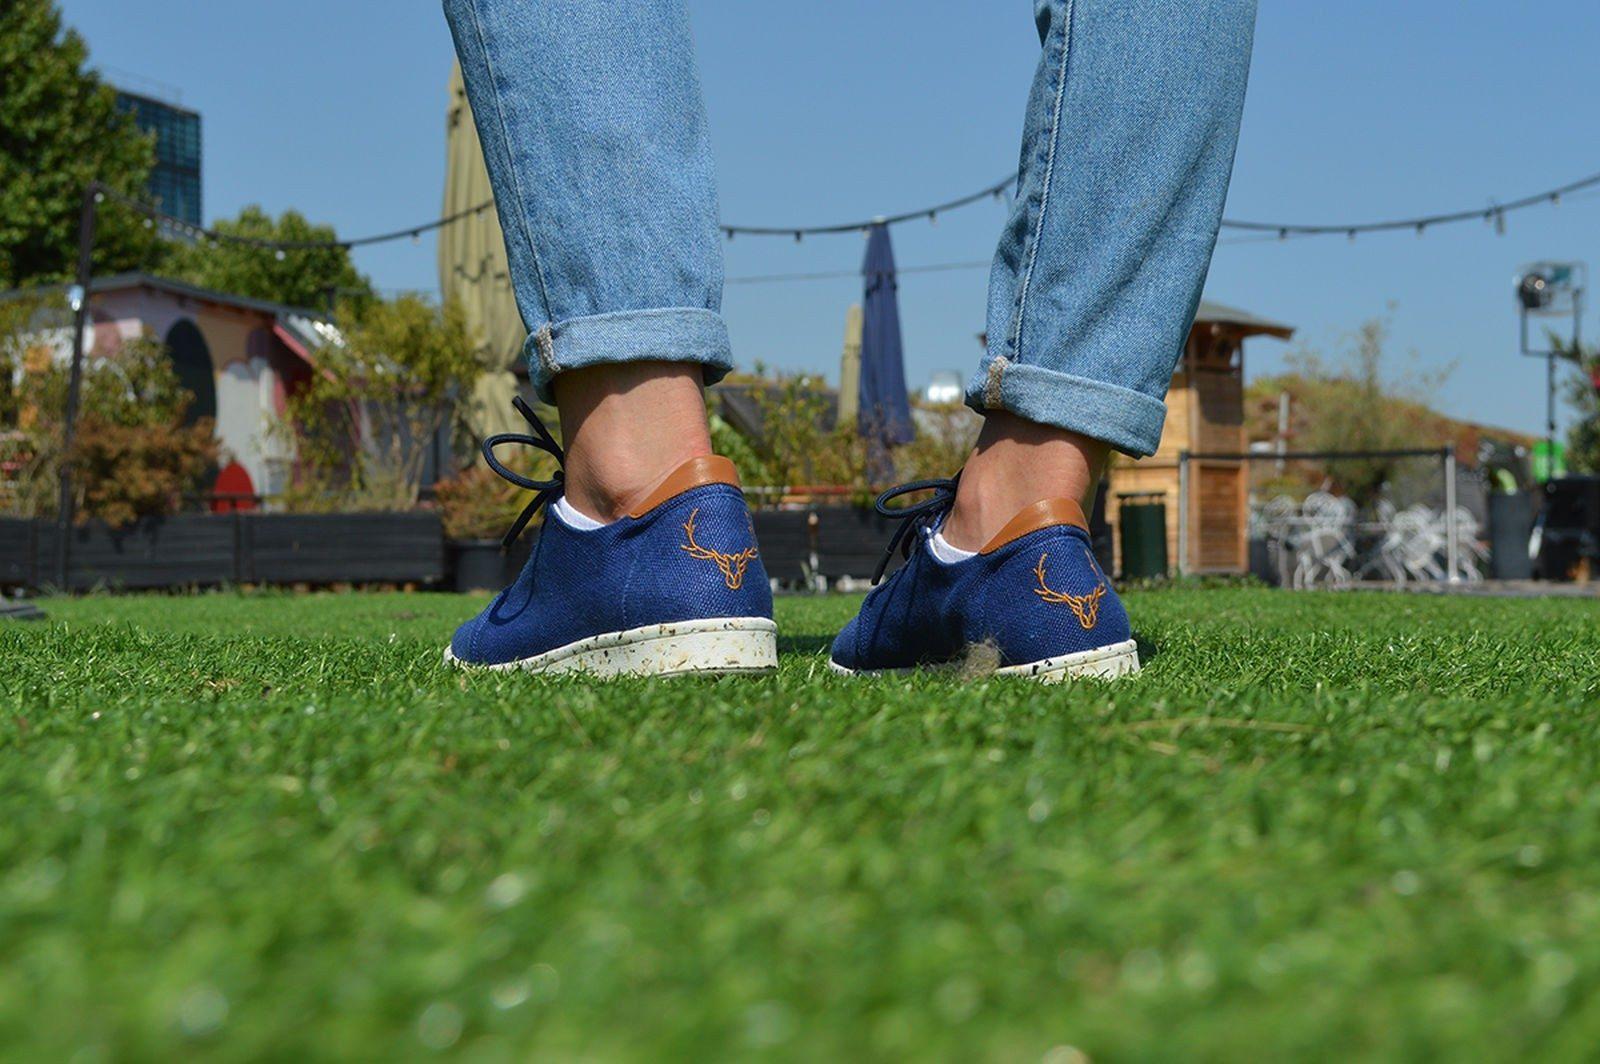 CARUUS - baskets recyclables françaises - ÖTZI Bleu 1